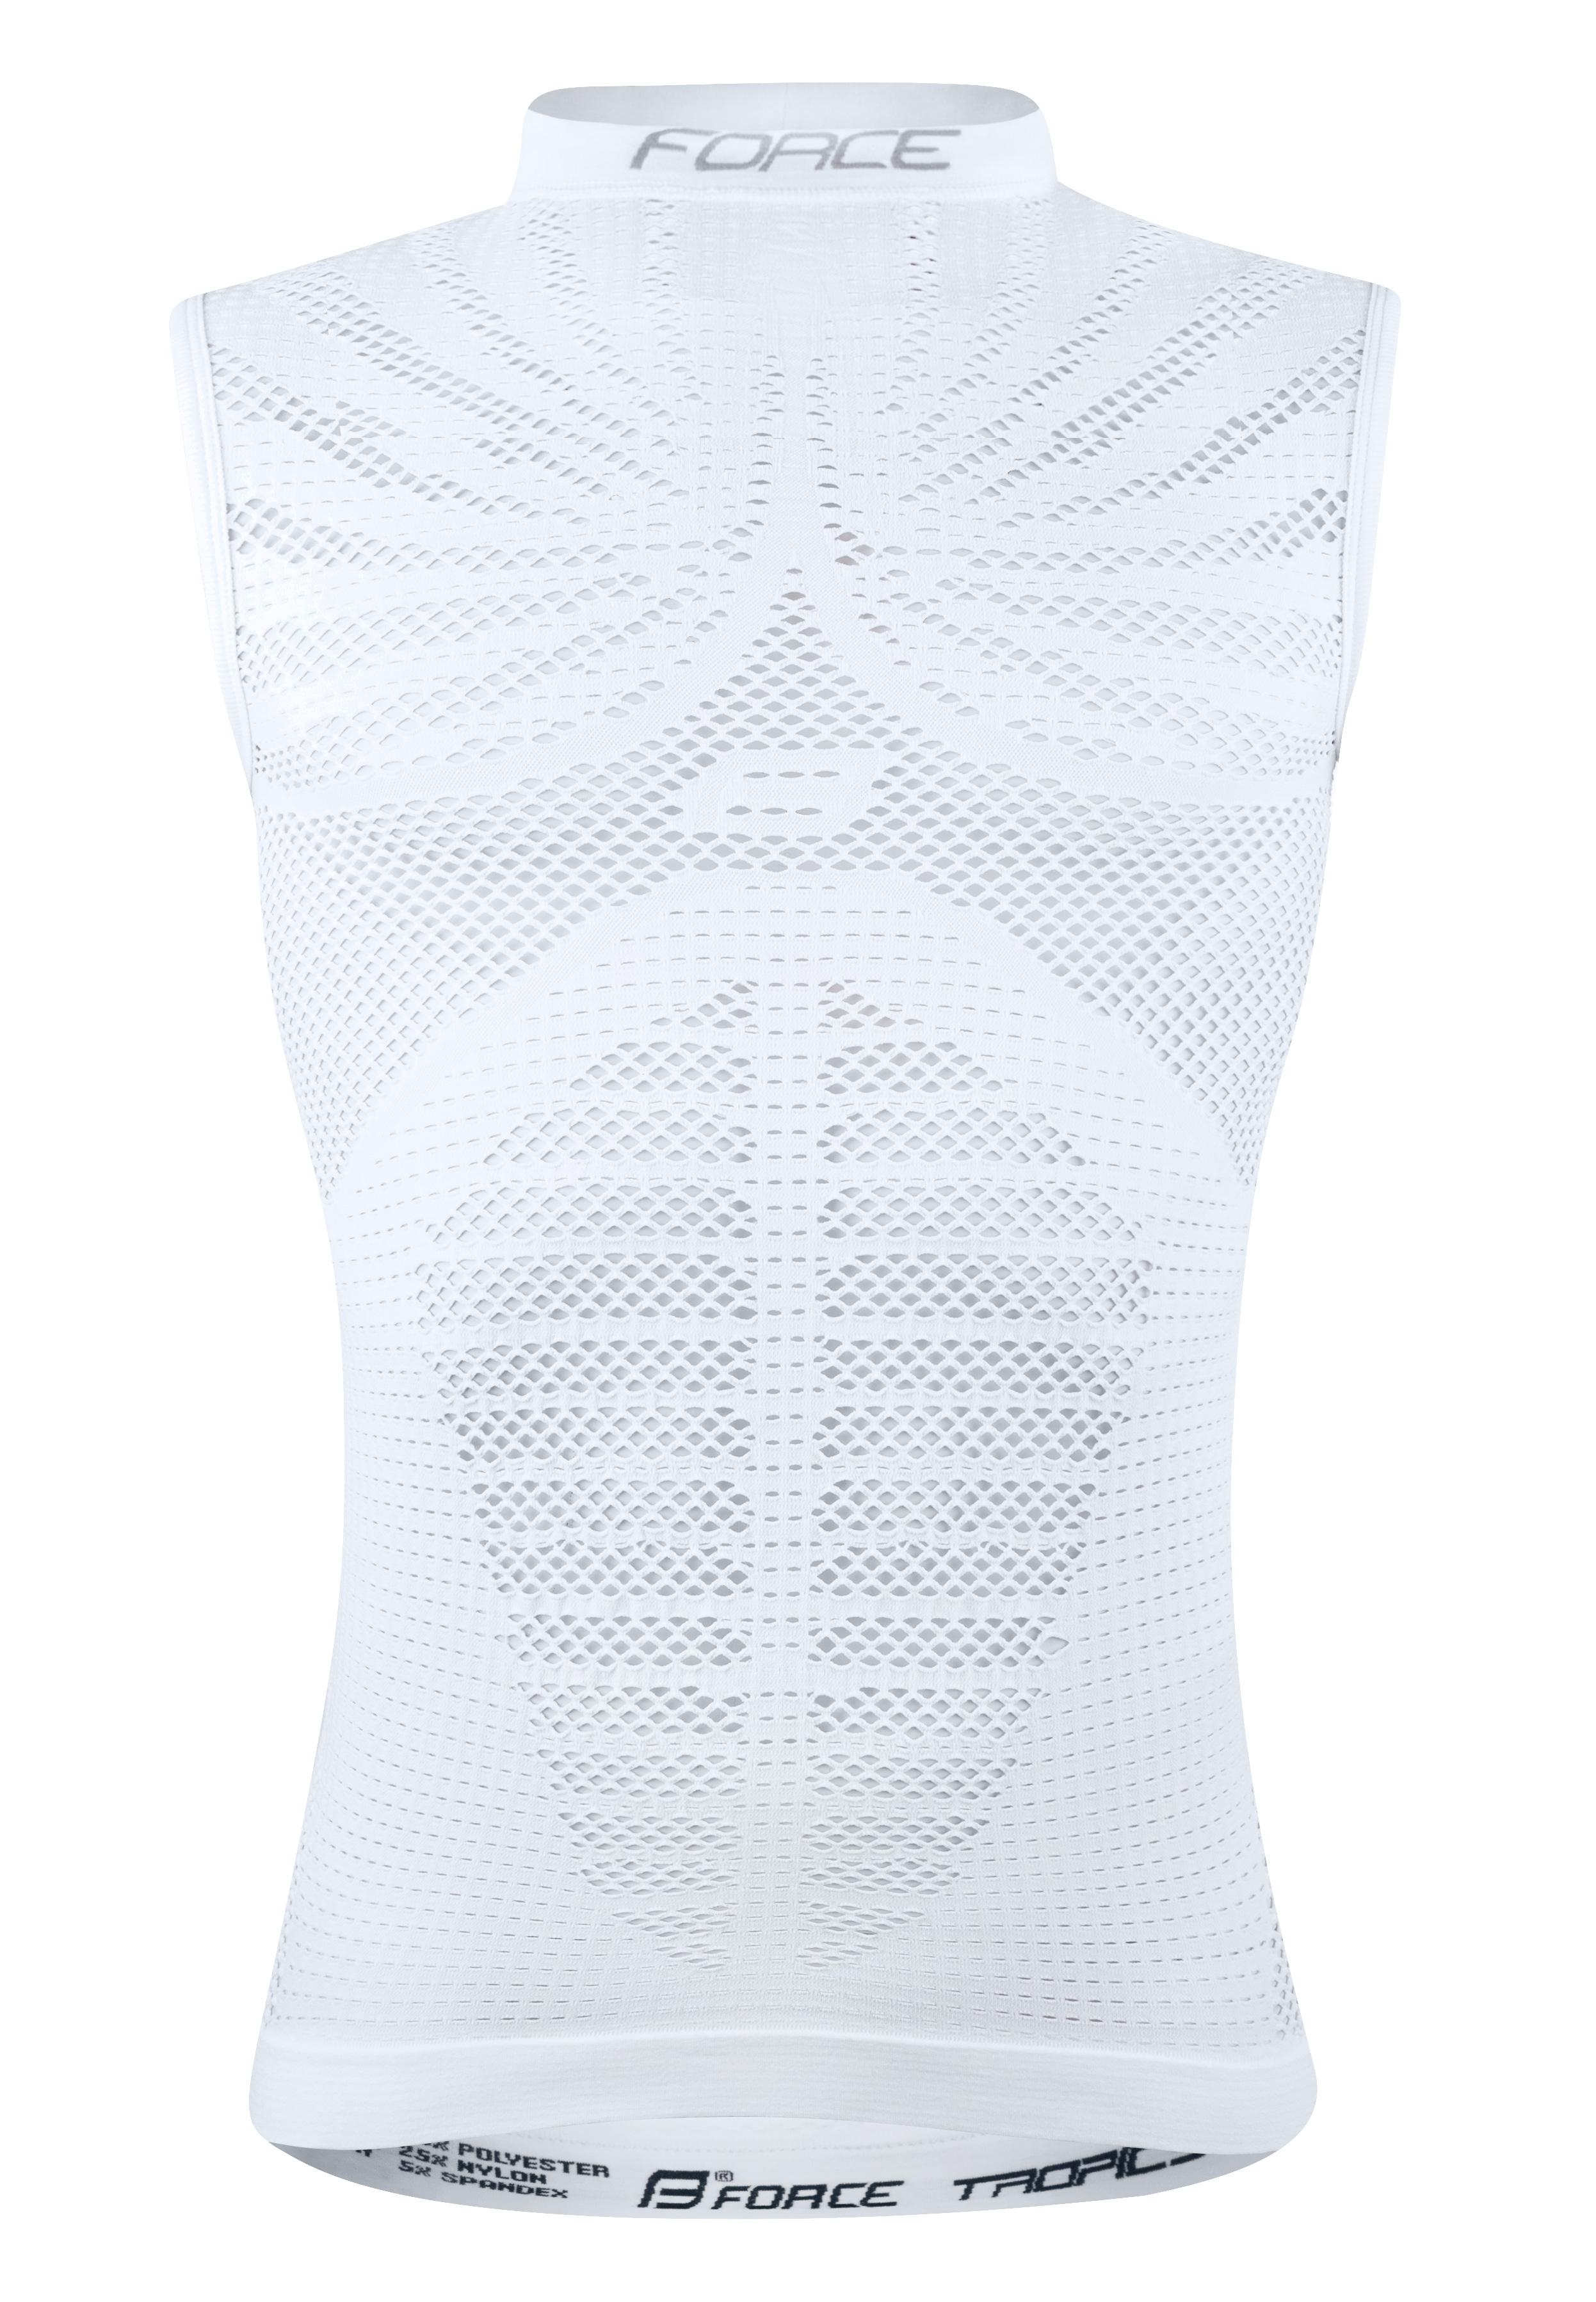 triko/funkční prádlo F TROPIC bez rukávů,bílé S-M